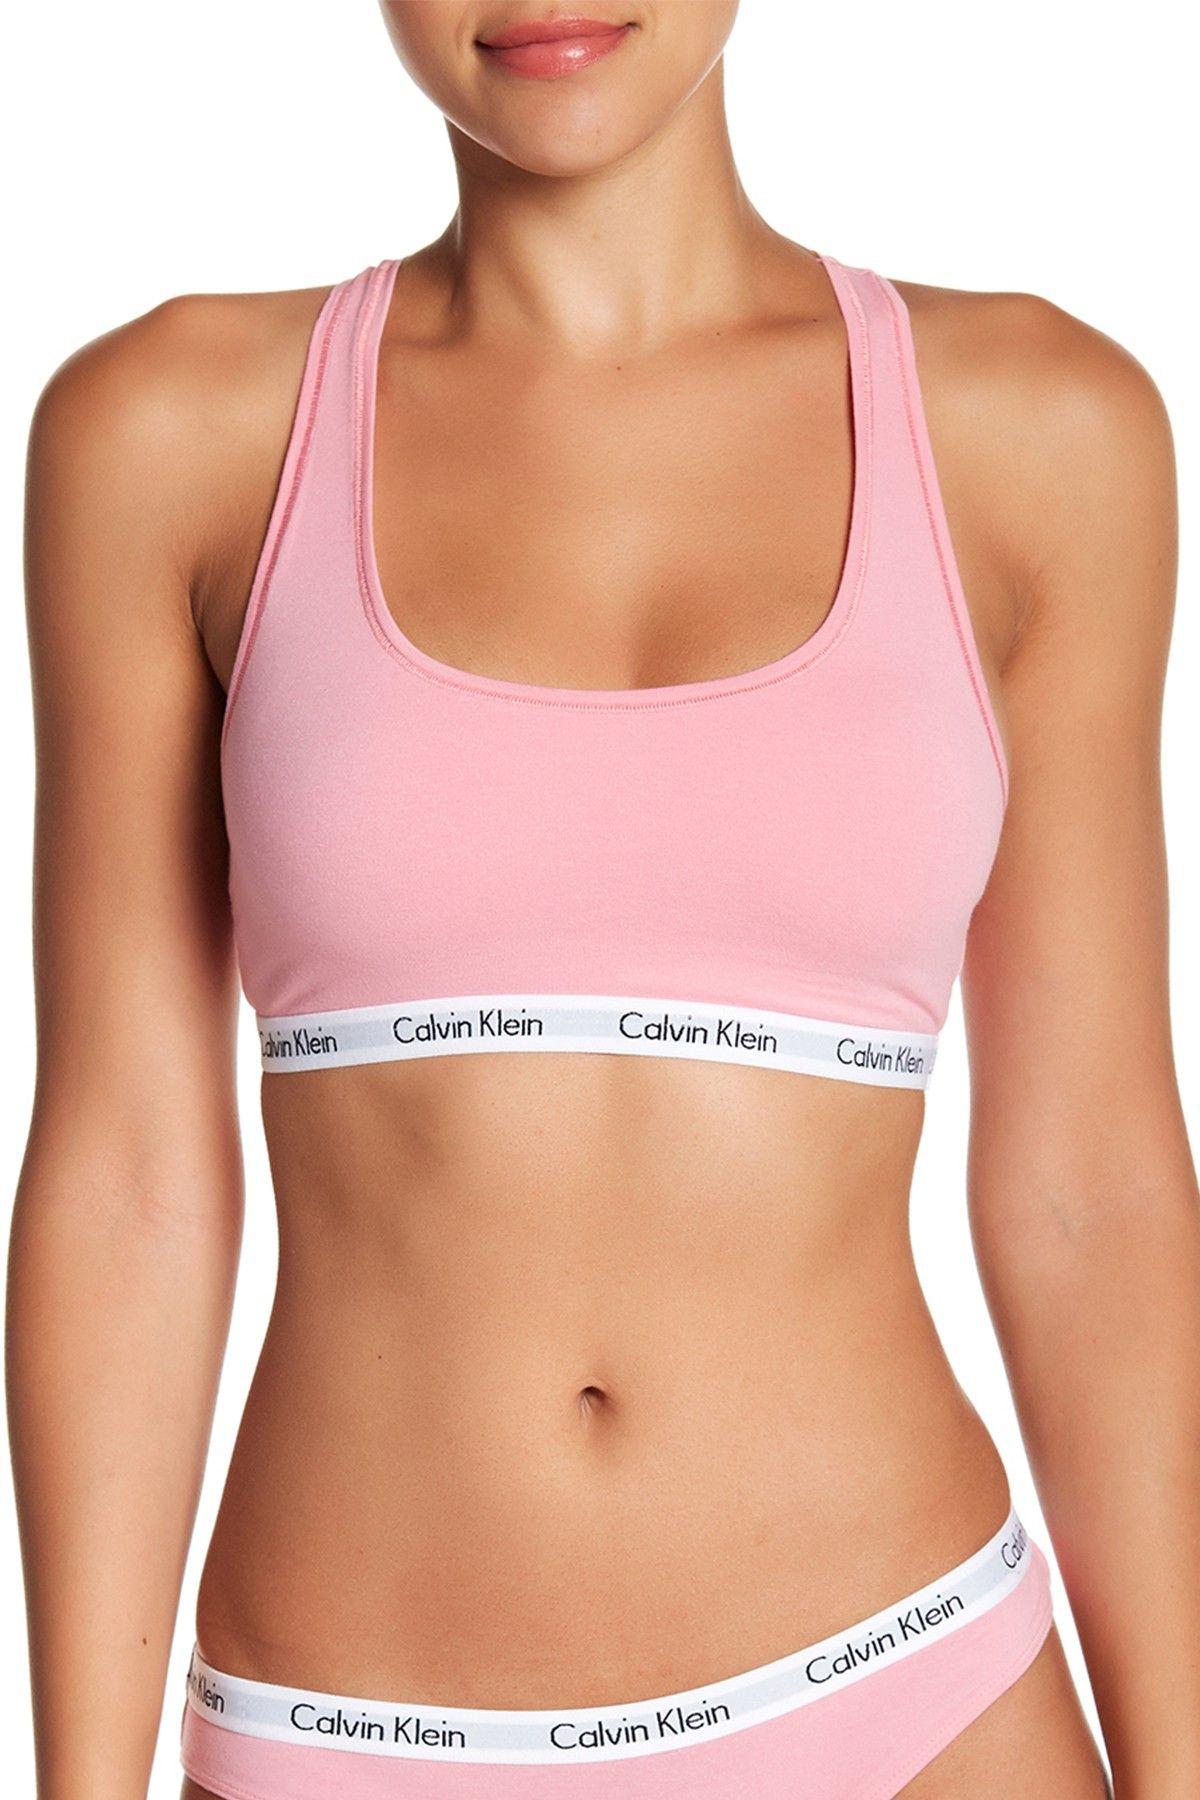 ee1c3bd853cfe Pink Calvin Klein bralette